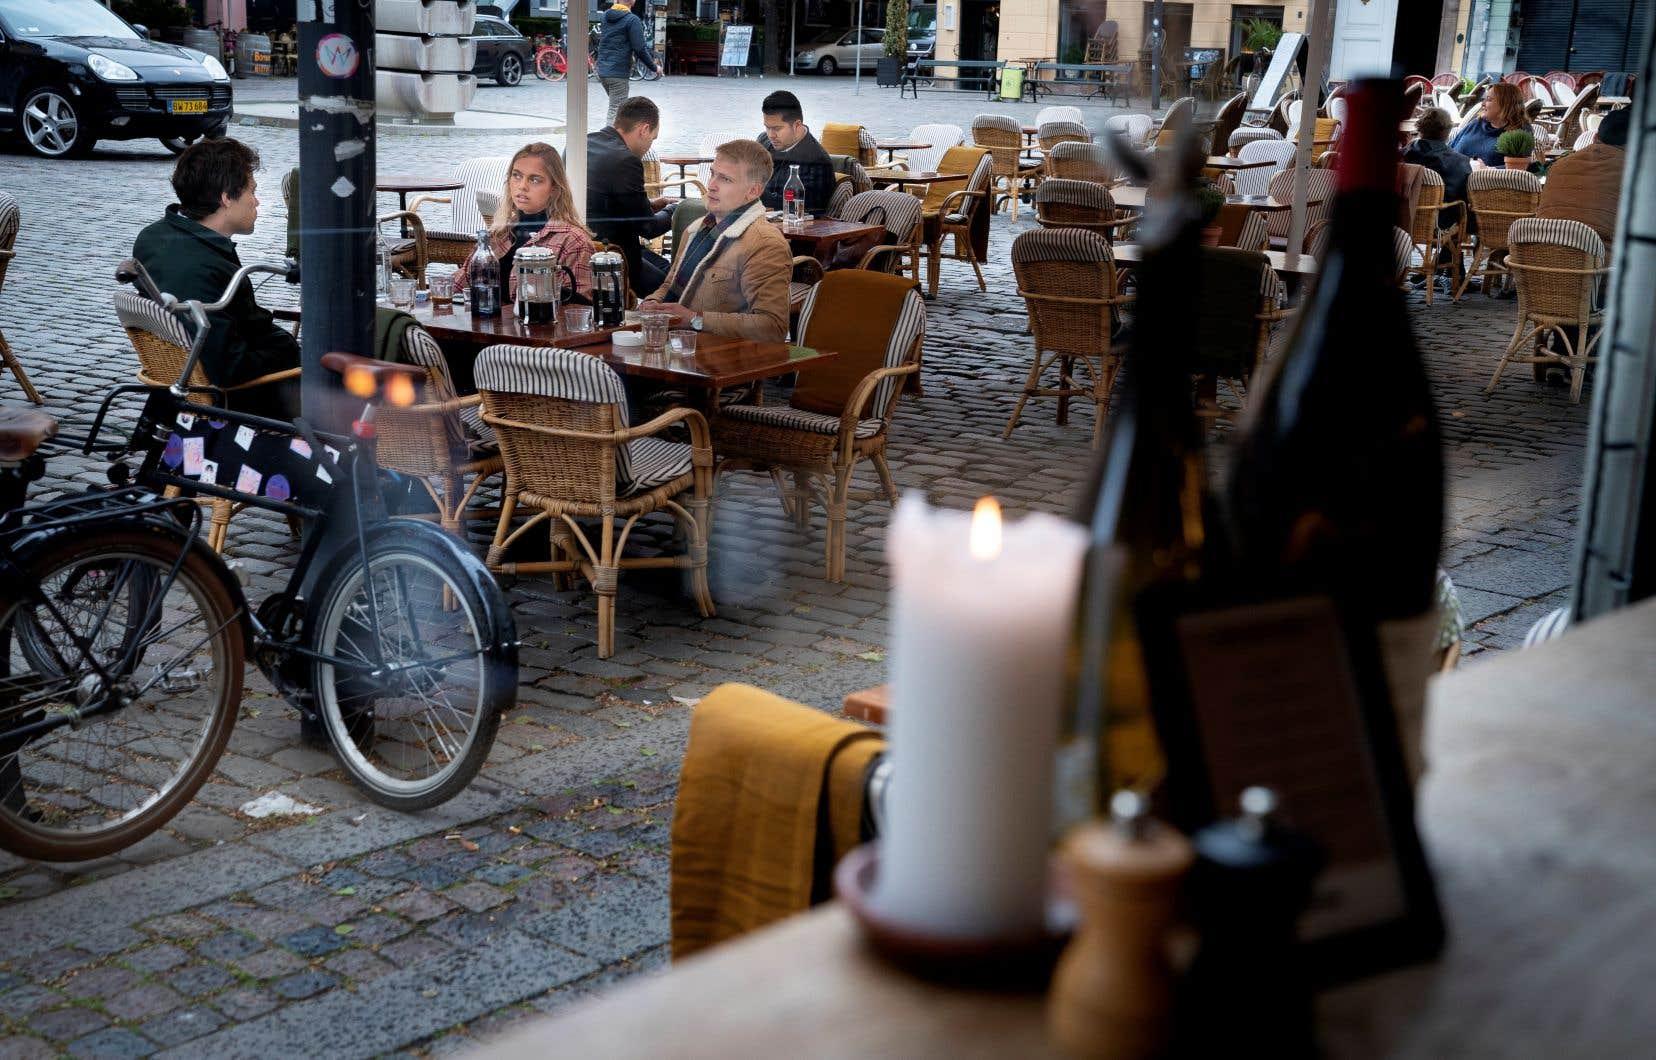 La terrasse du restaurant Huks Fluks, à la place Graabroedre, à Copenhague, était prête à recevoir des clients.